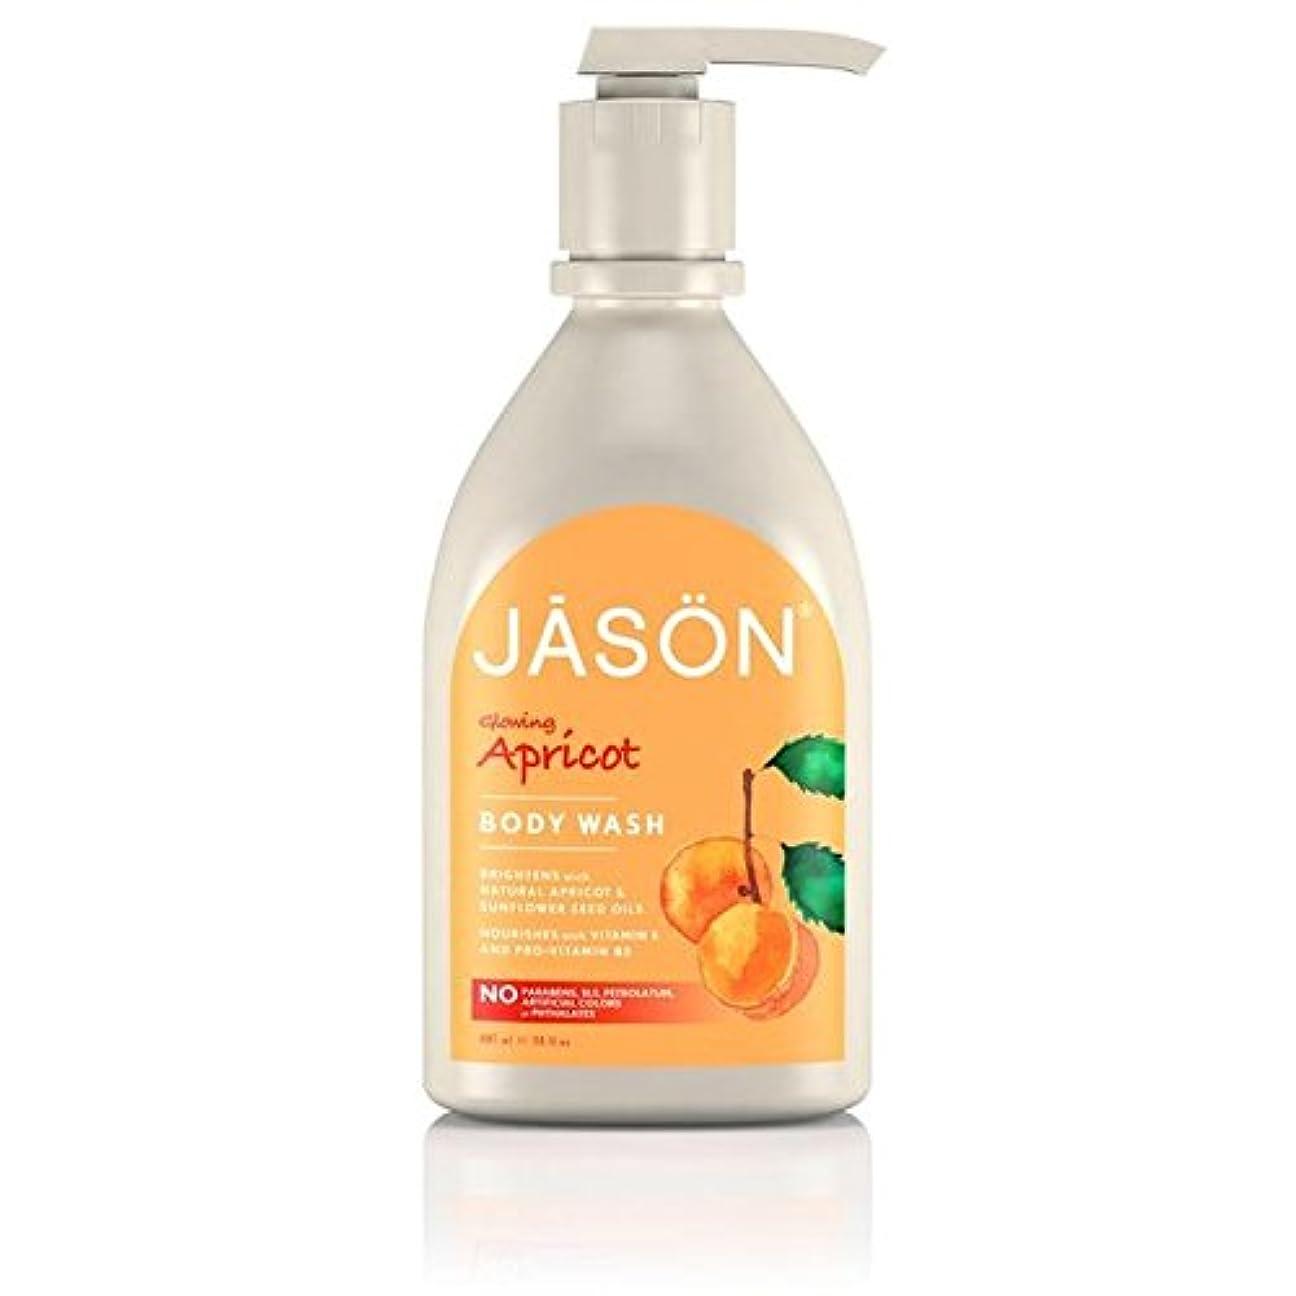 洗練された略す注目すべきジェイソン?アプリコットサテンボディウォッシュポンプ900ミリリットル x4 - Jason Apricot Satin Body Wash Pump 900ml (Pack of 4) [並行輸入品]